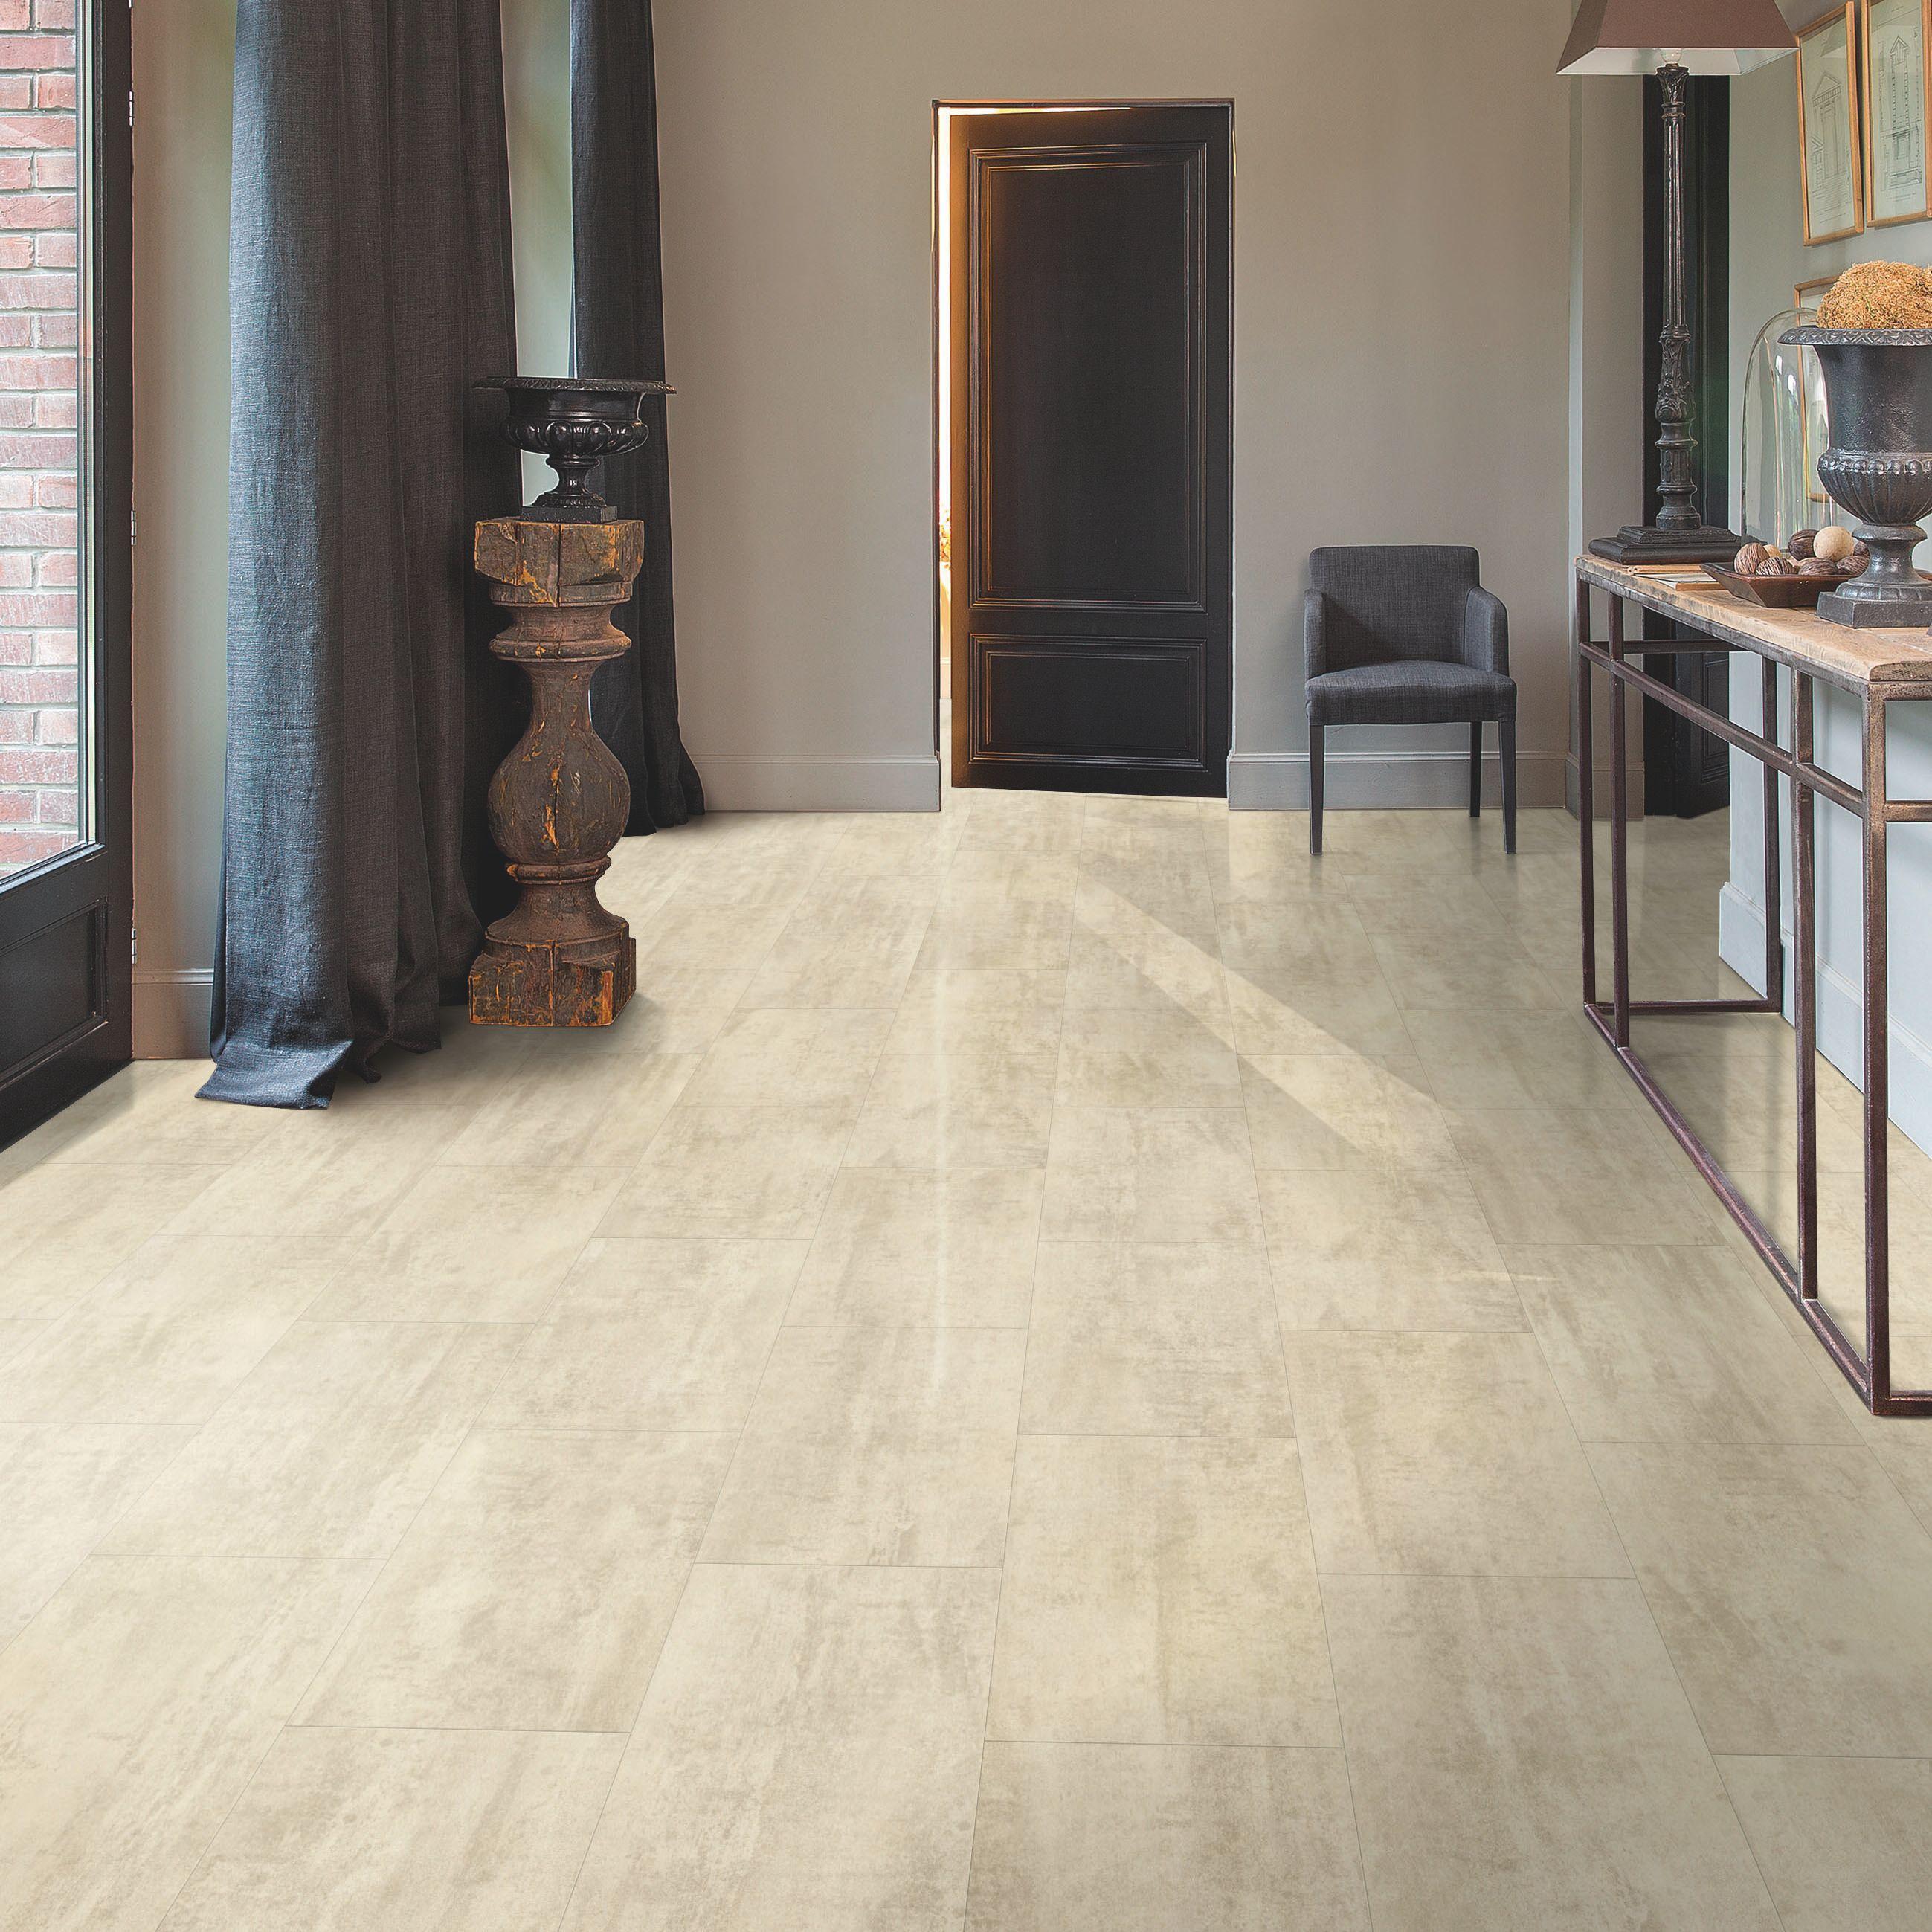 kitchen furniture sets walmart play quick-step lima beige travertine effect waterproof luxury ...